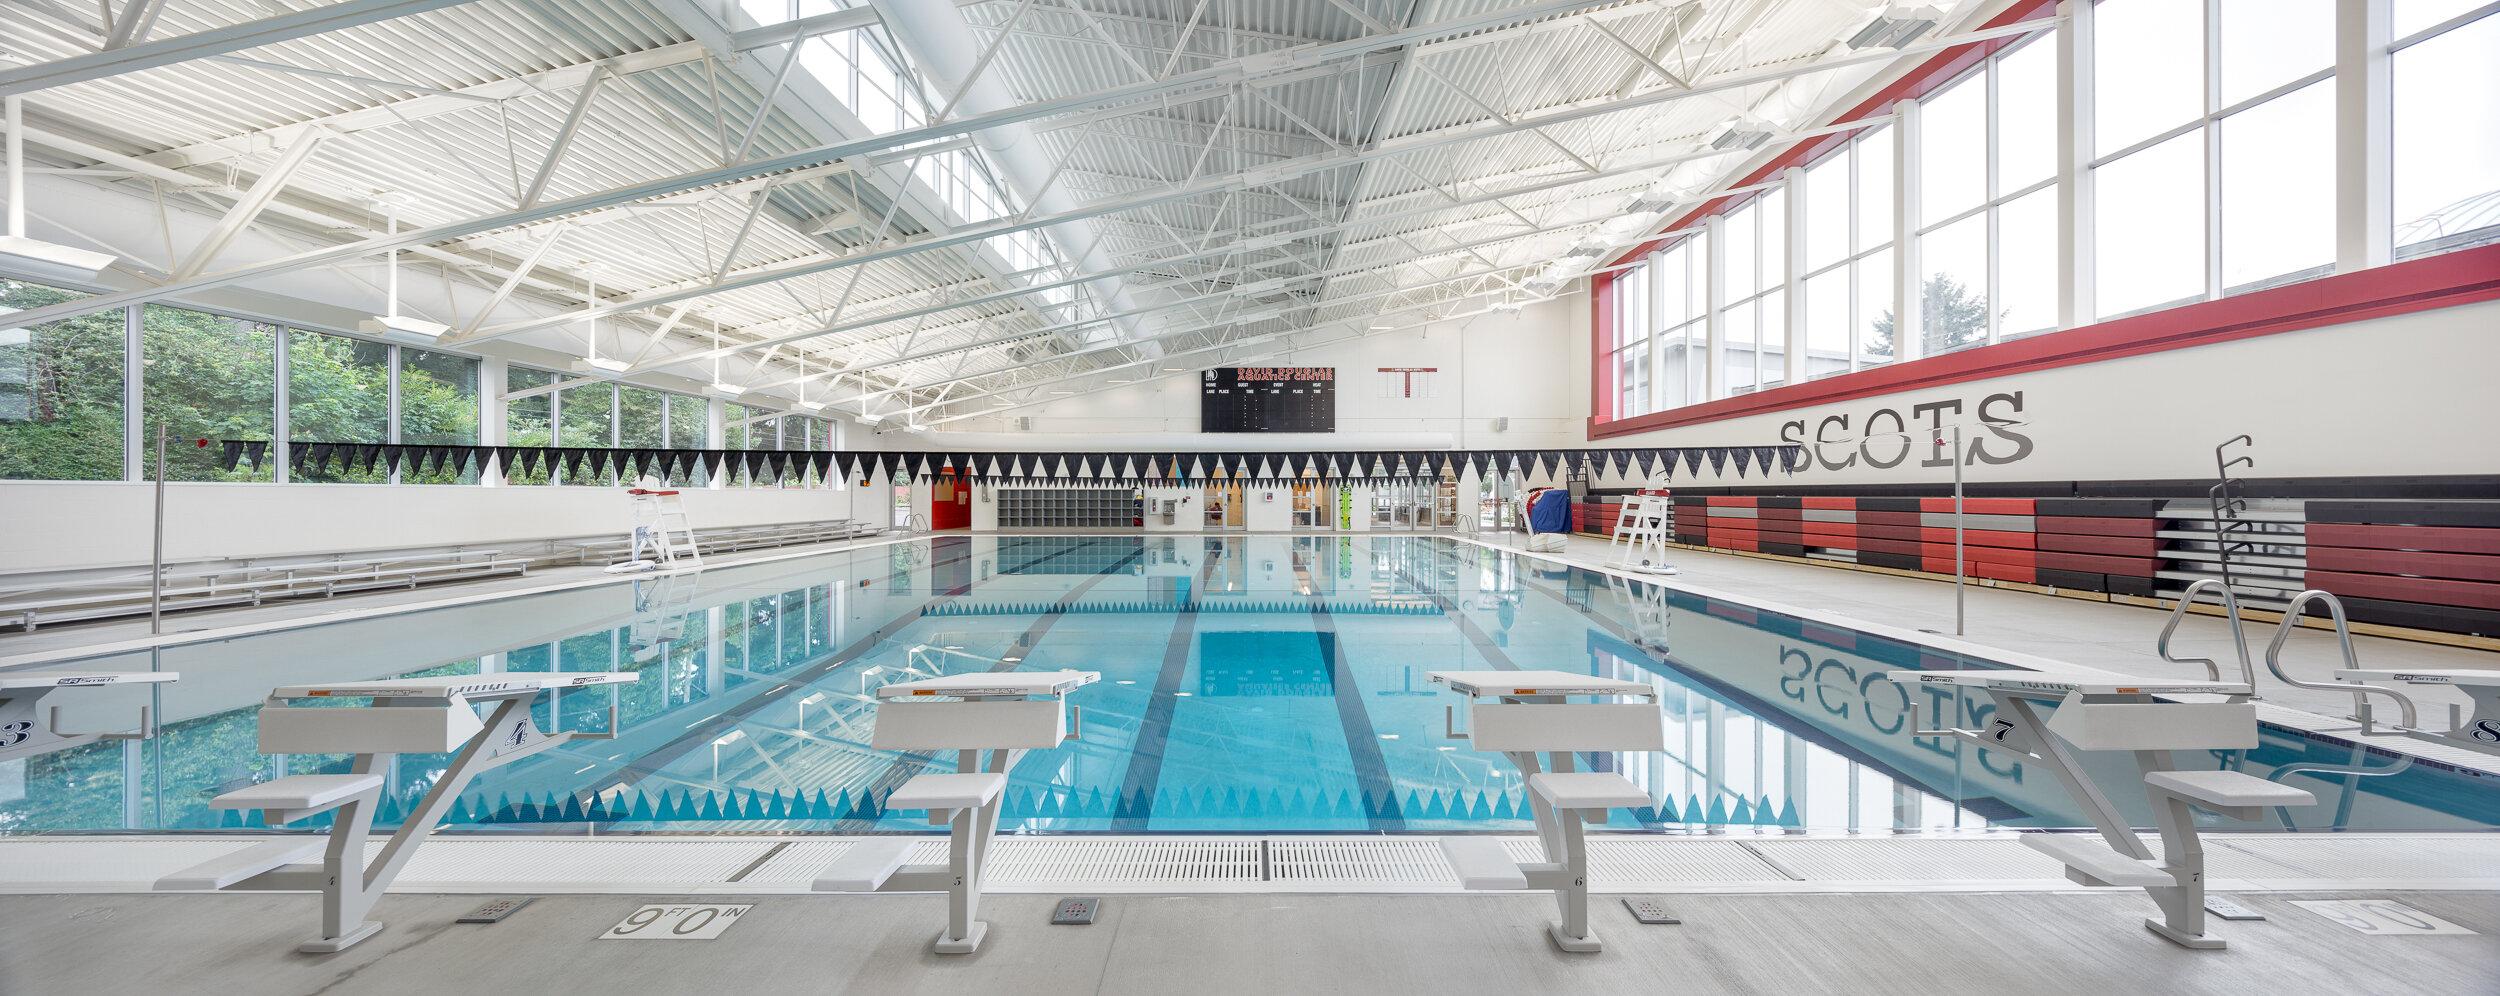 91-DDHS-Pool-JoshPartee-6934-pool-wide.jpg